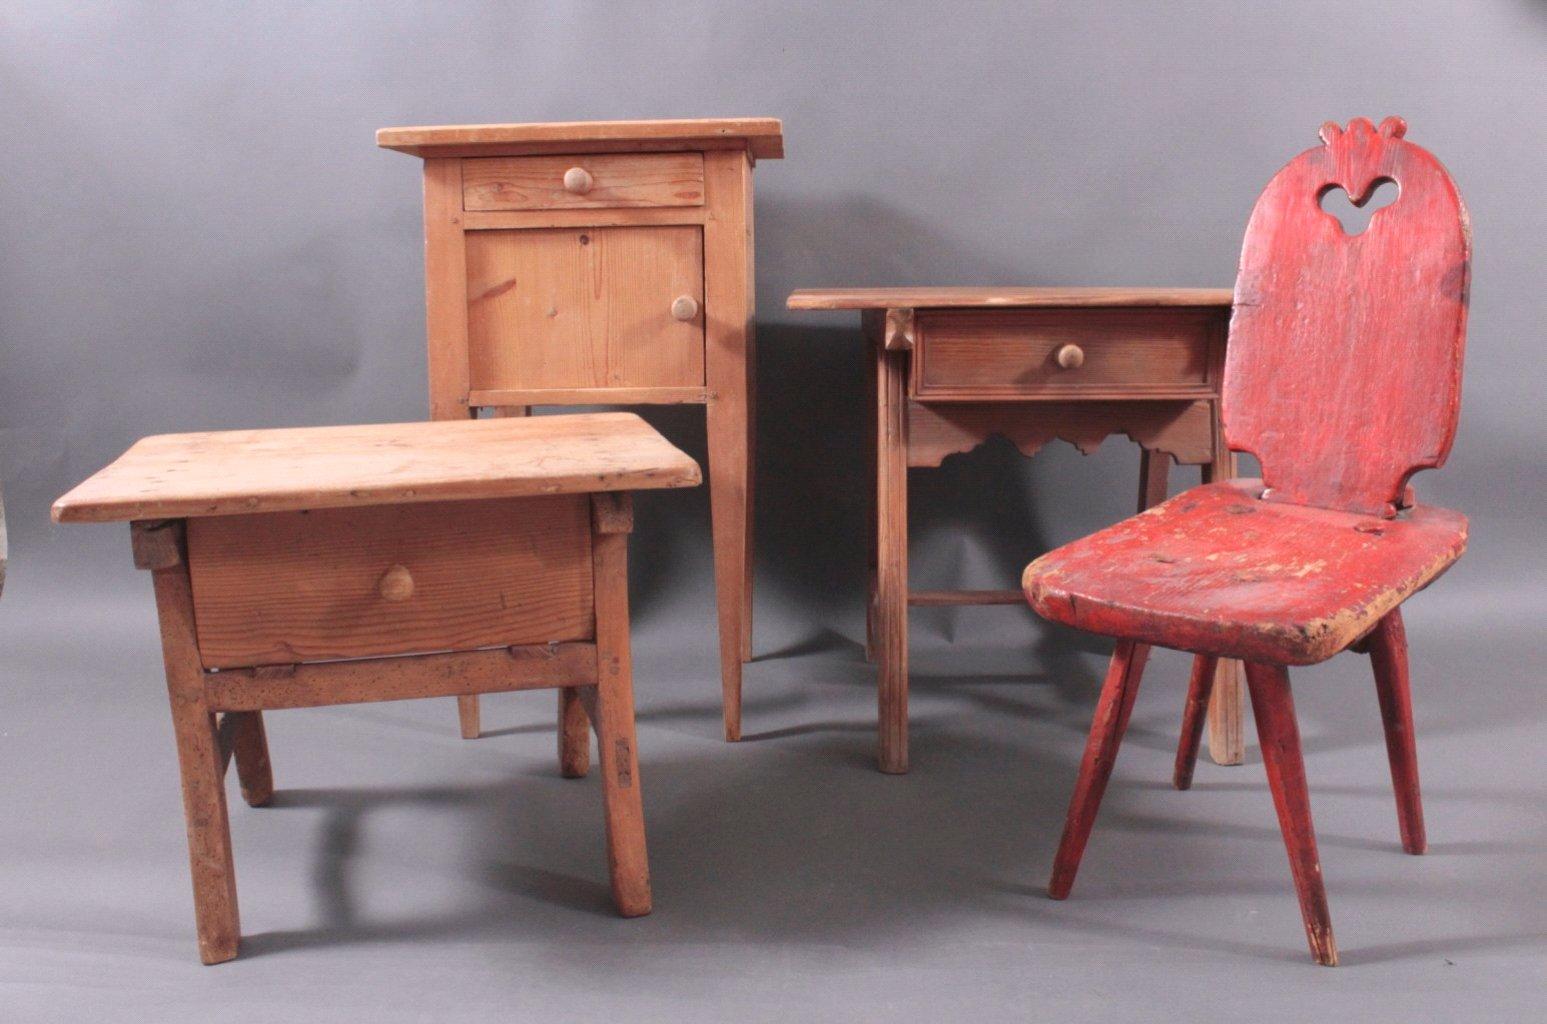 Konvolut antike Kleinmöbel aus Weichholz